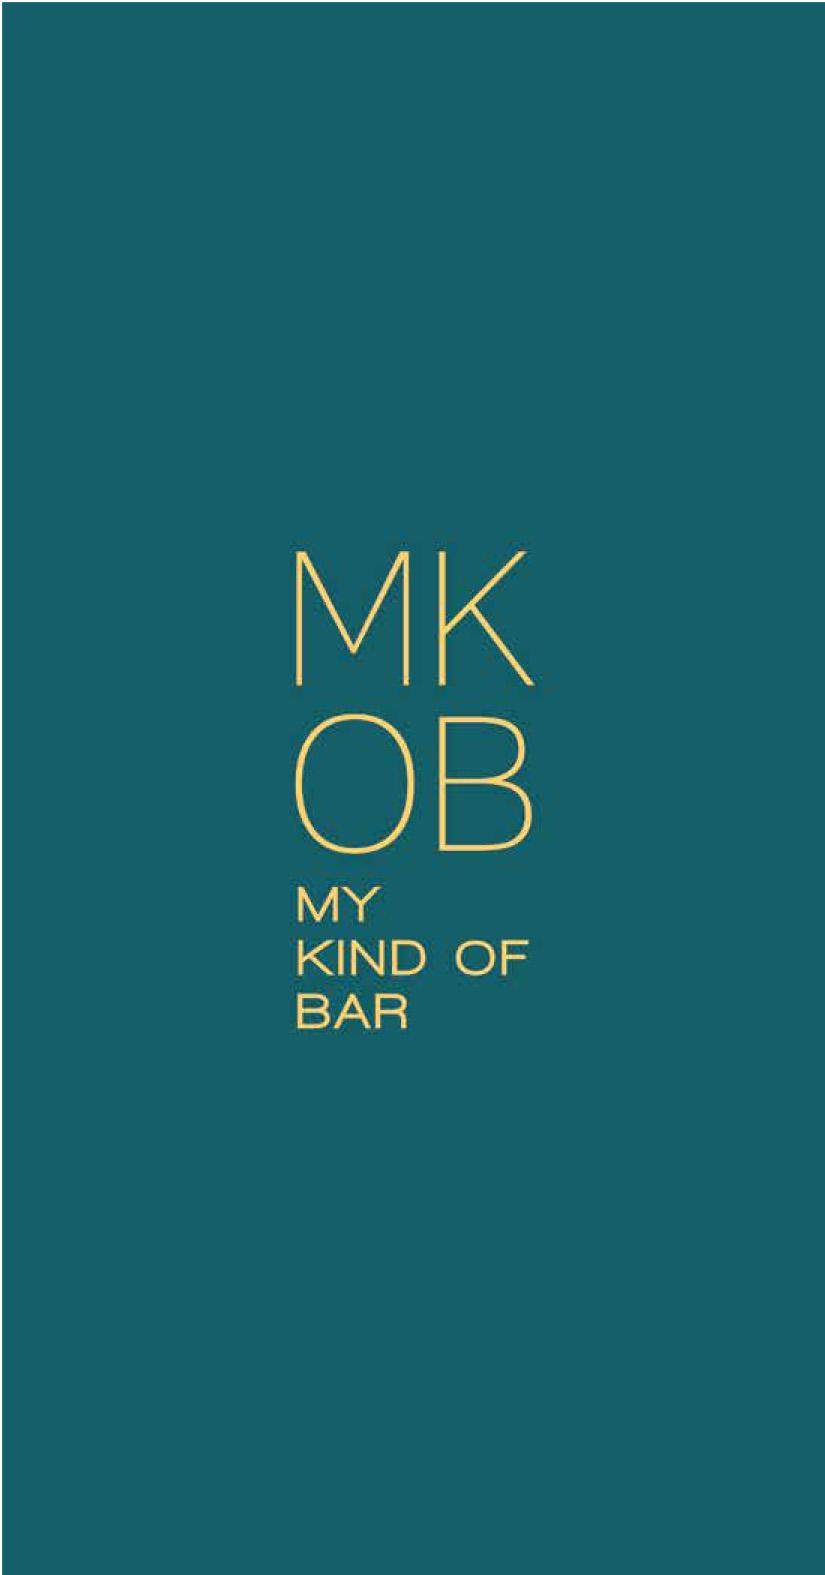 Mkob - My Kind Of Bar menu 1